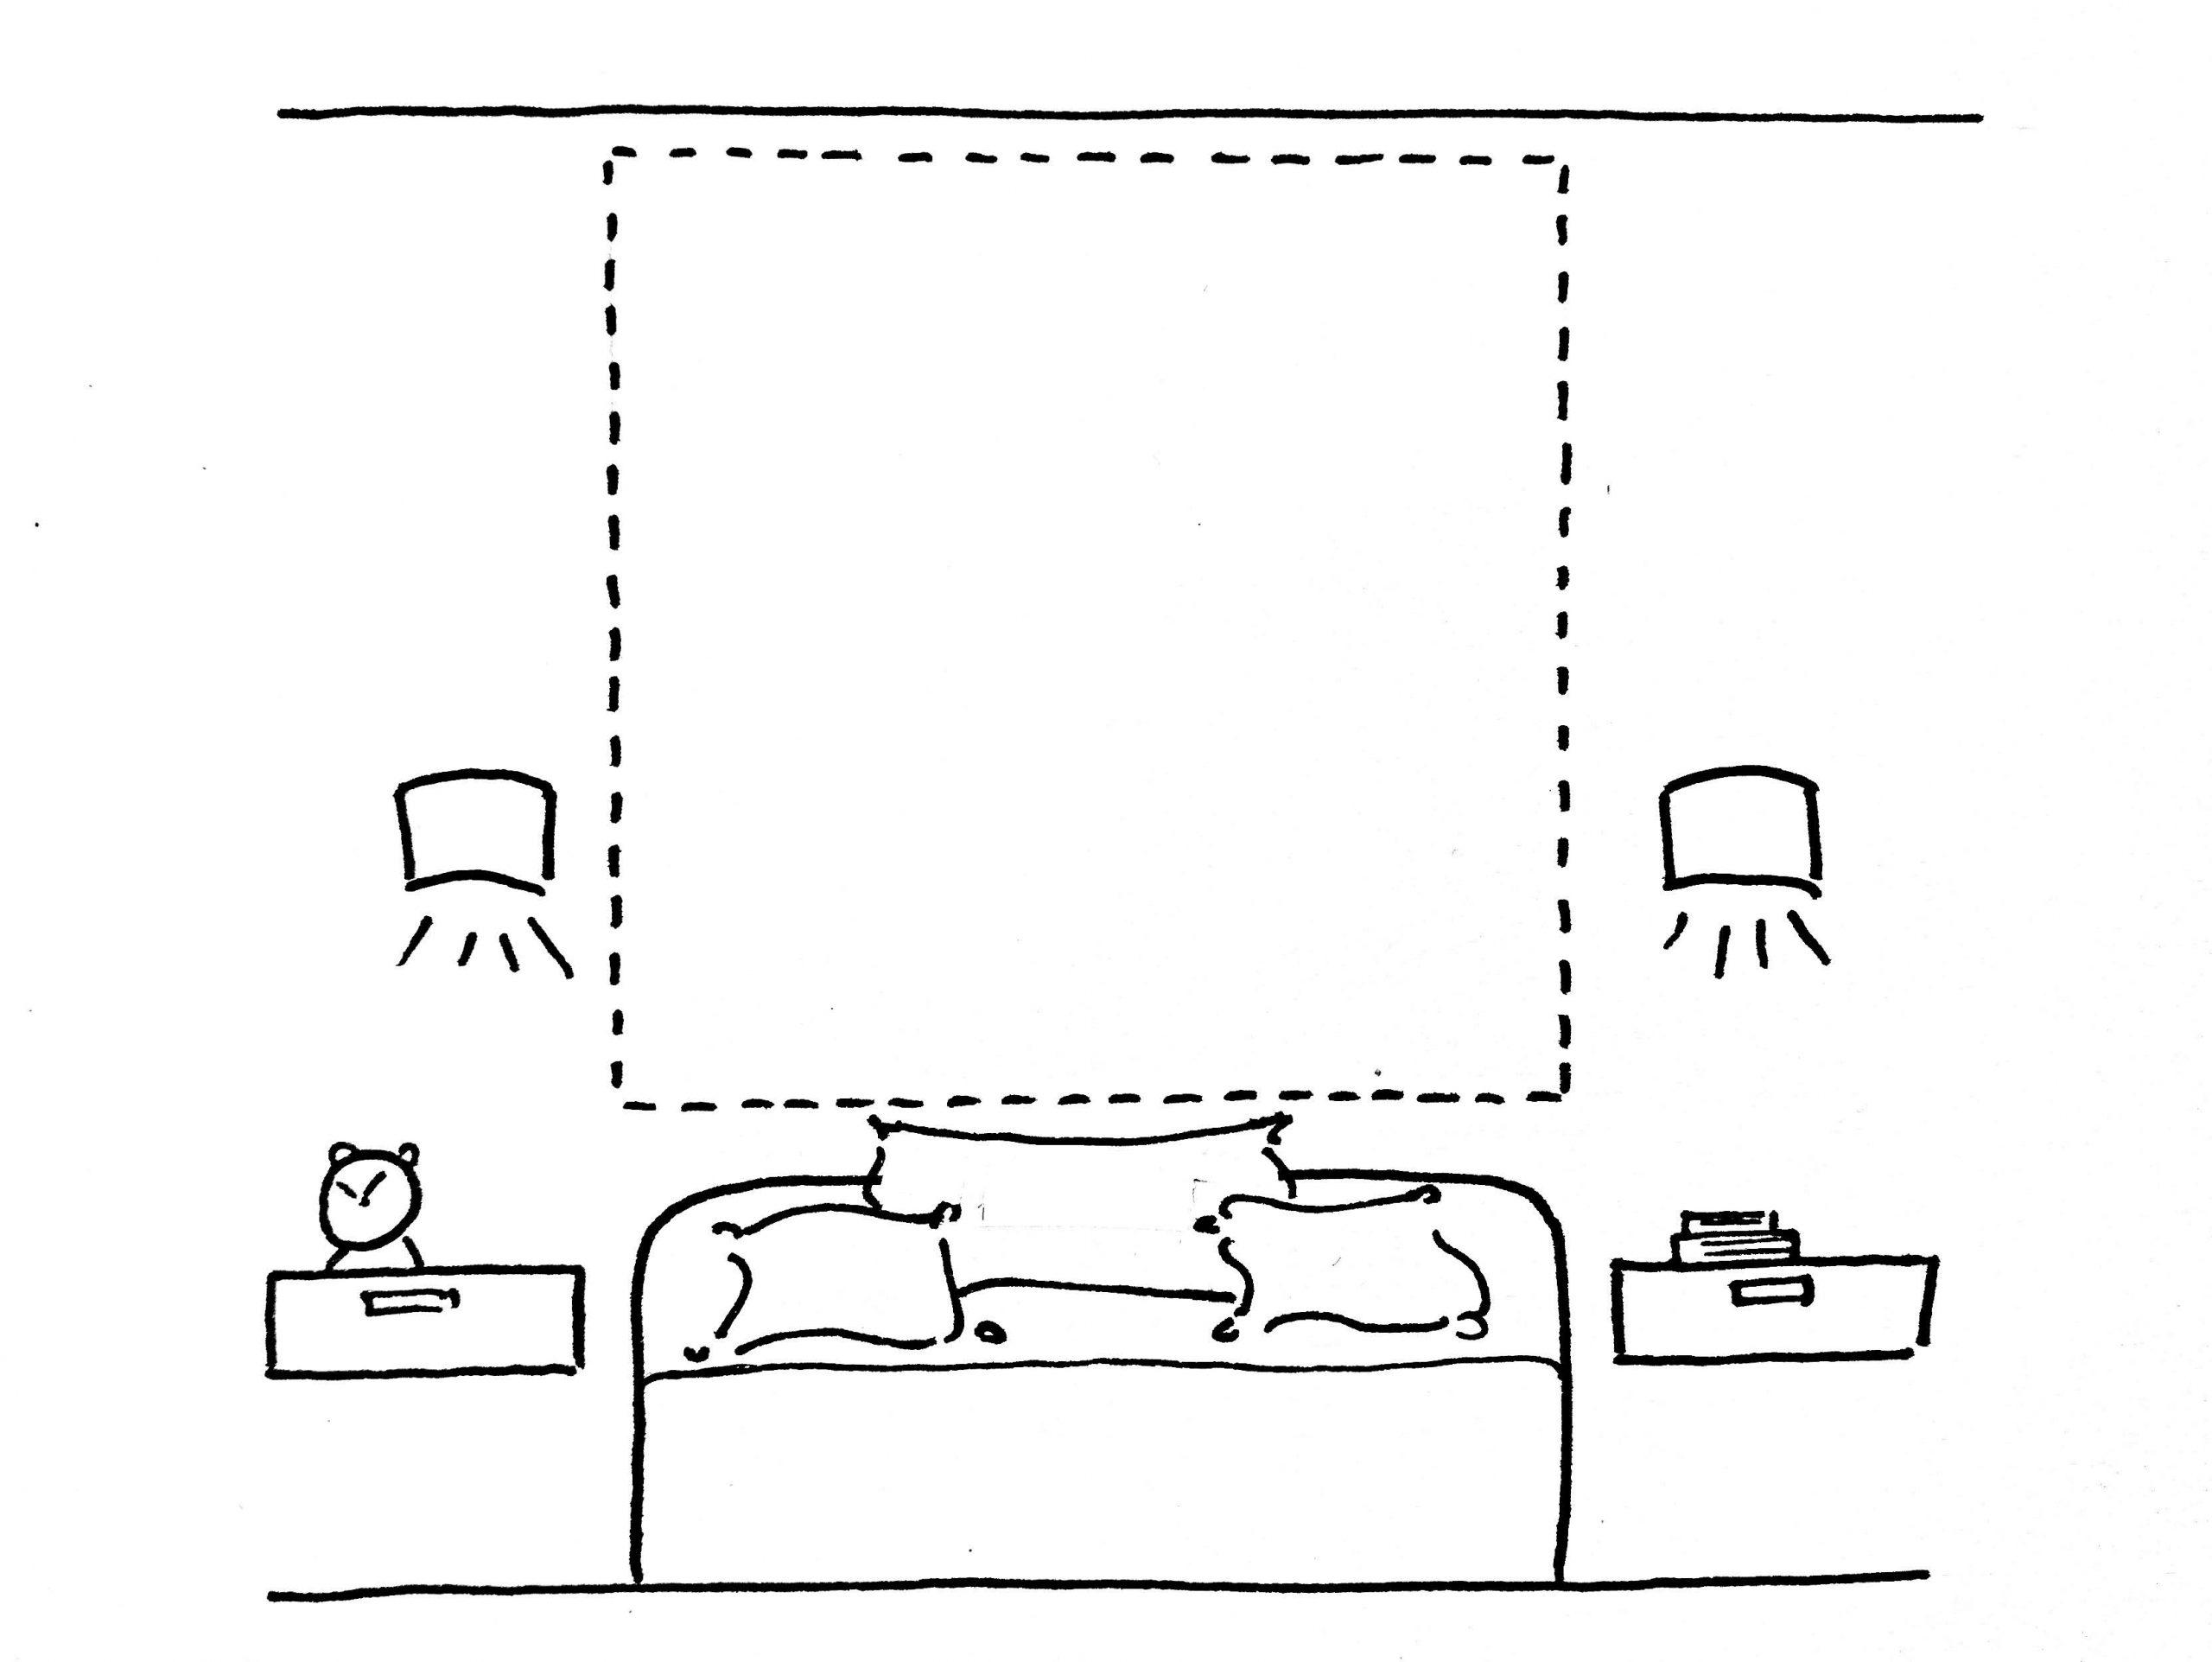 Pan de mur derrière le canapé